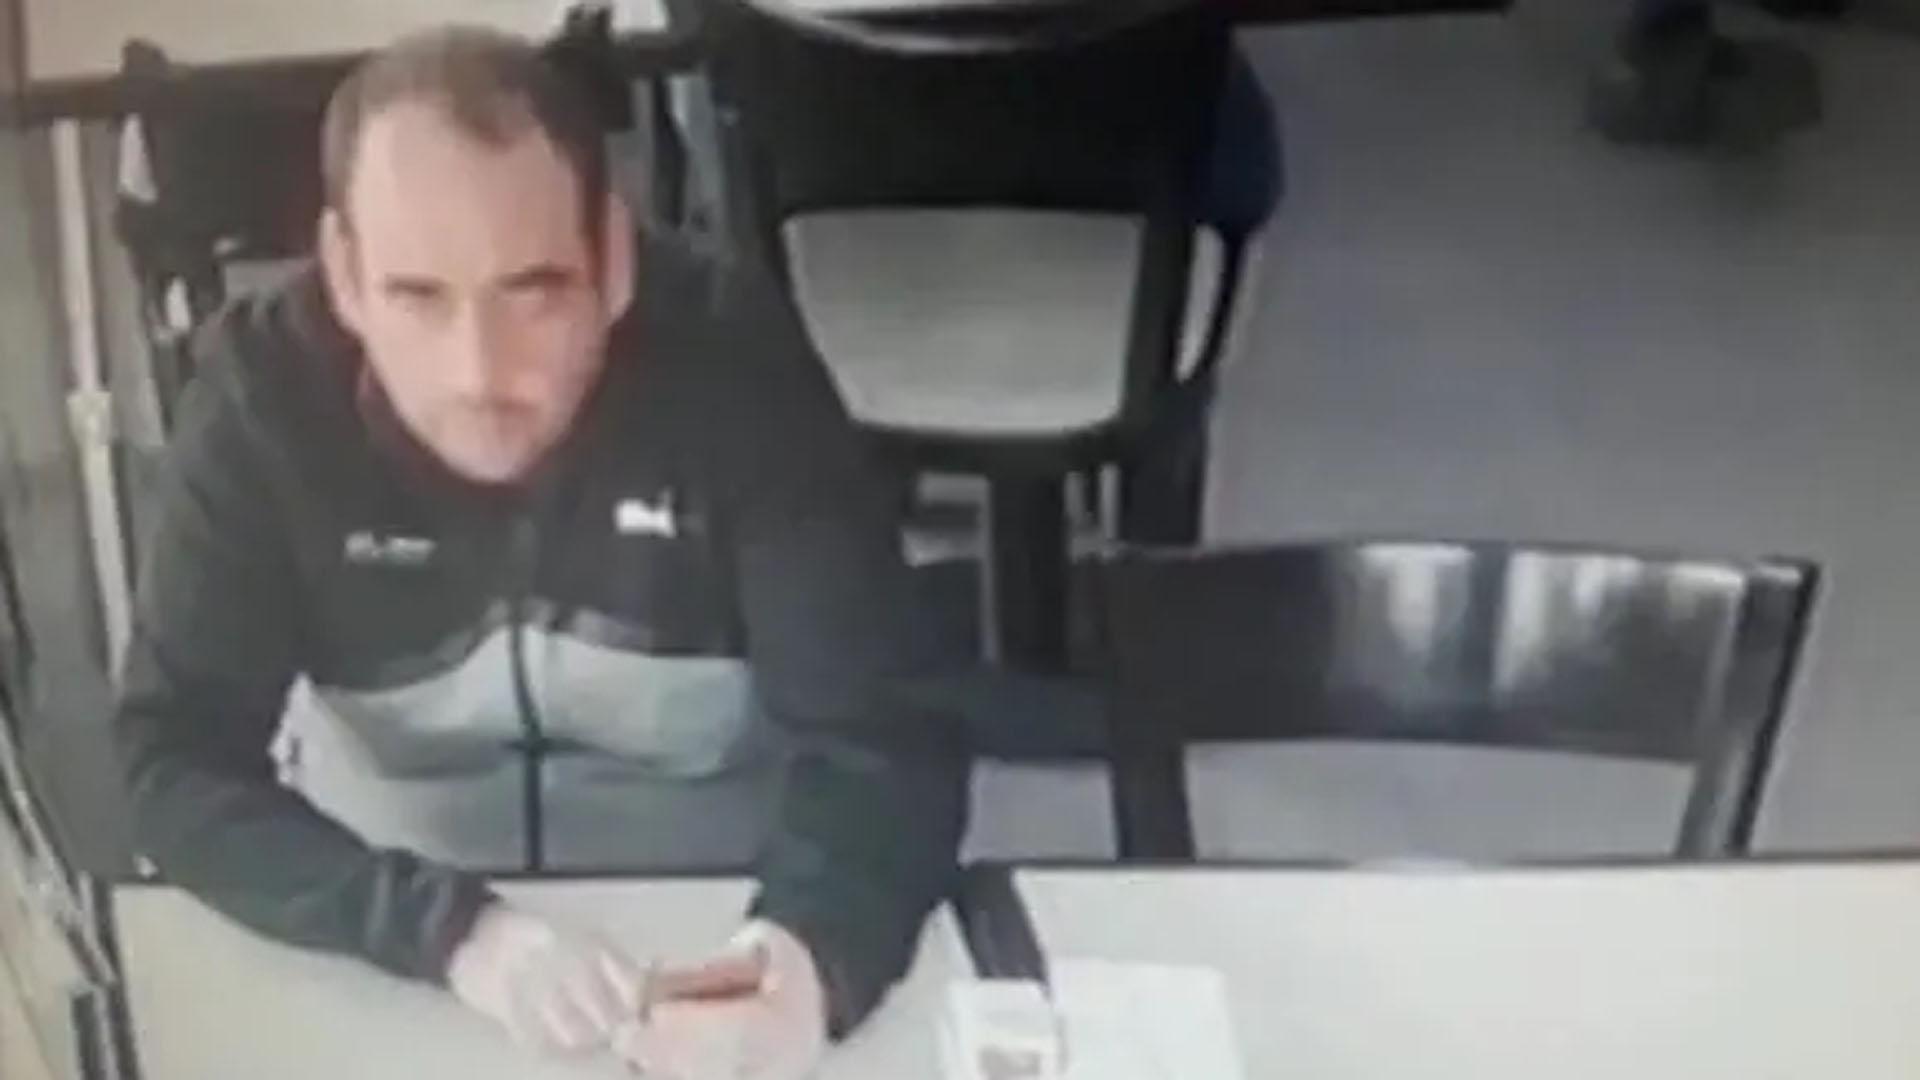 El registro de las cámaras de vigilancia confirmó que Andrés Alloggio fue cómplice del ataque. Foto: Policía de la provincia de la ciudad de Buenos Aires